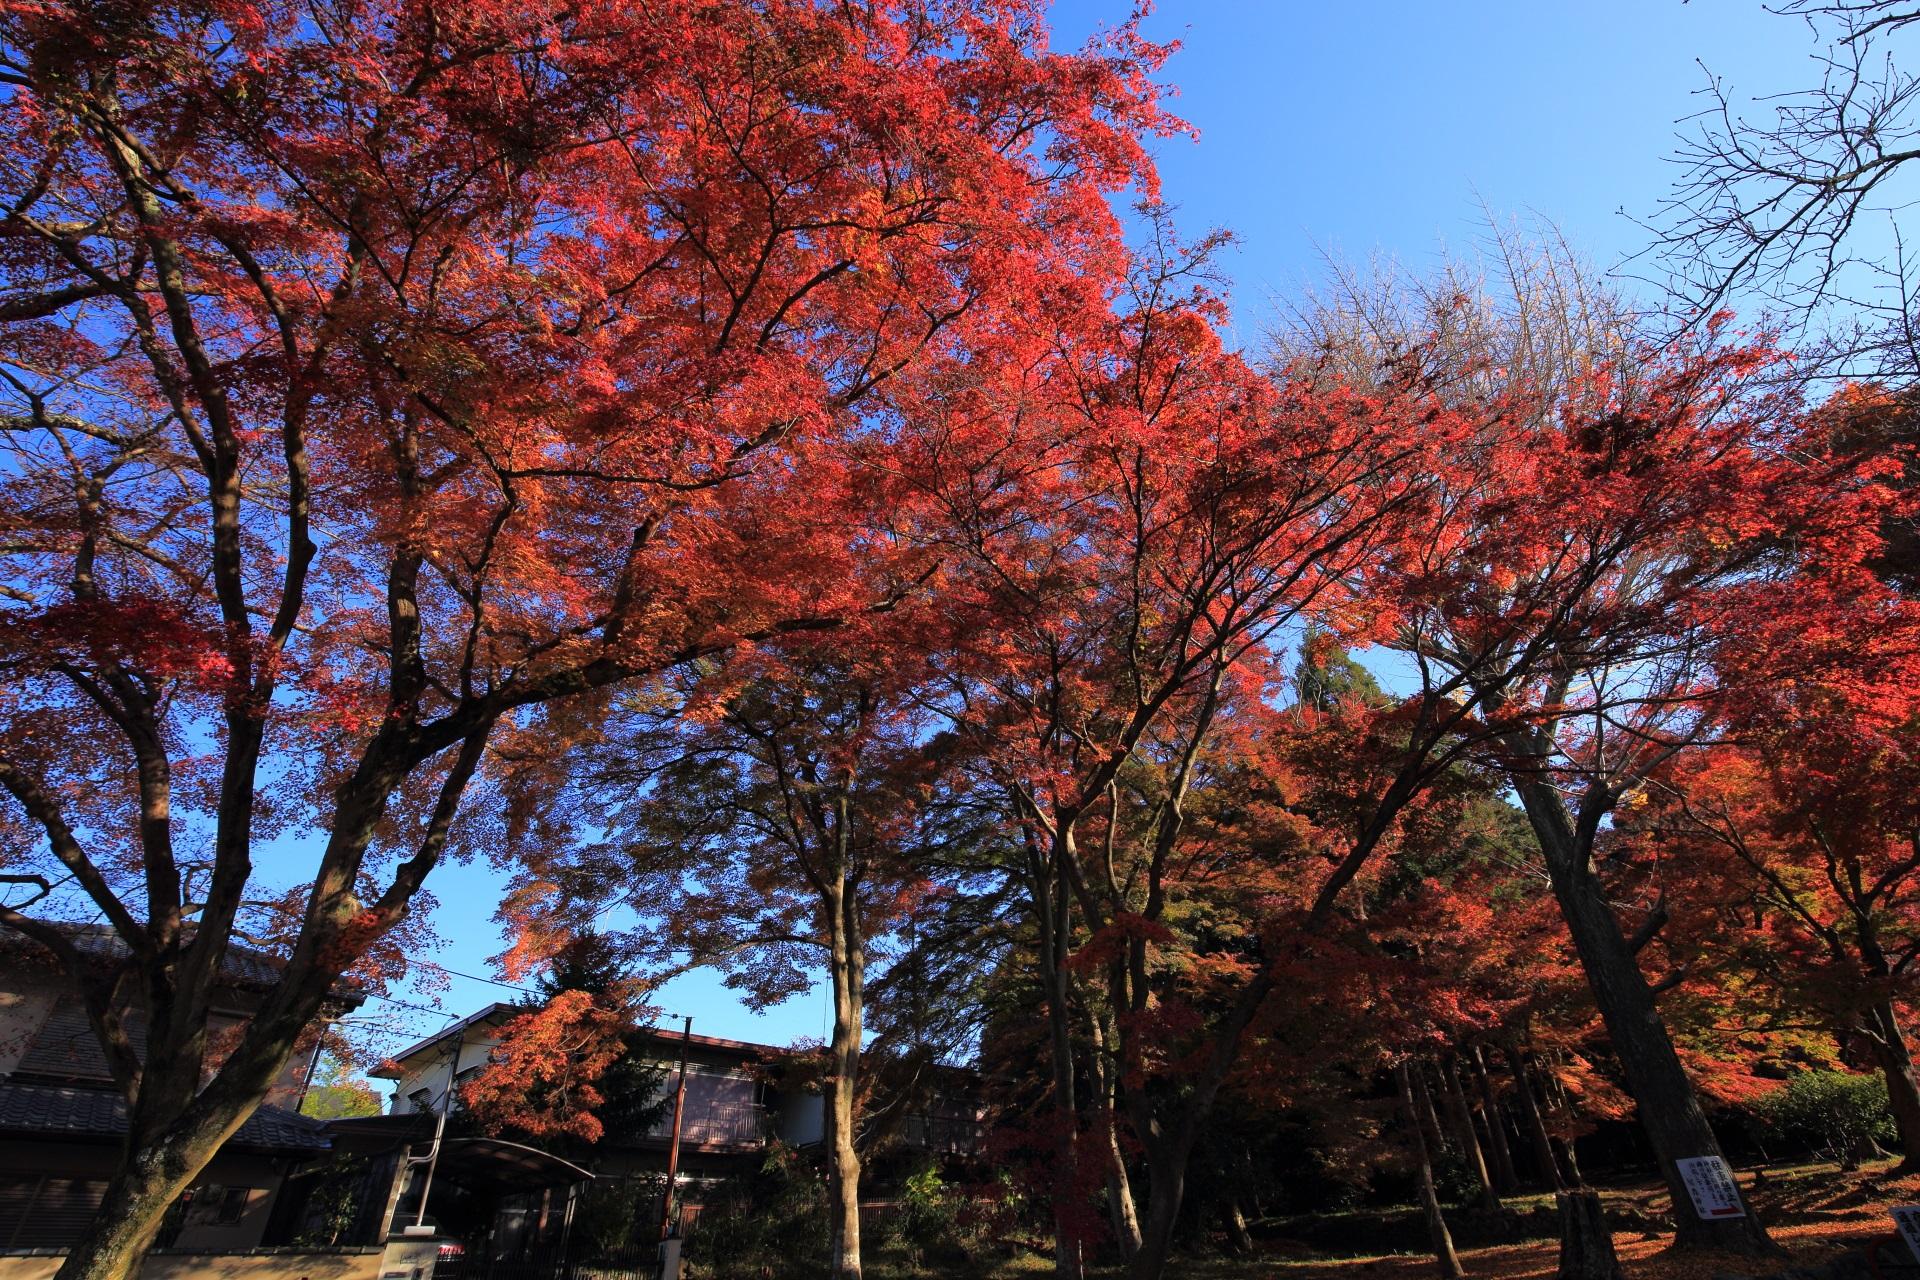 鷺森神社の素晴らしい紅葉と秋の情景